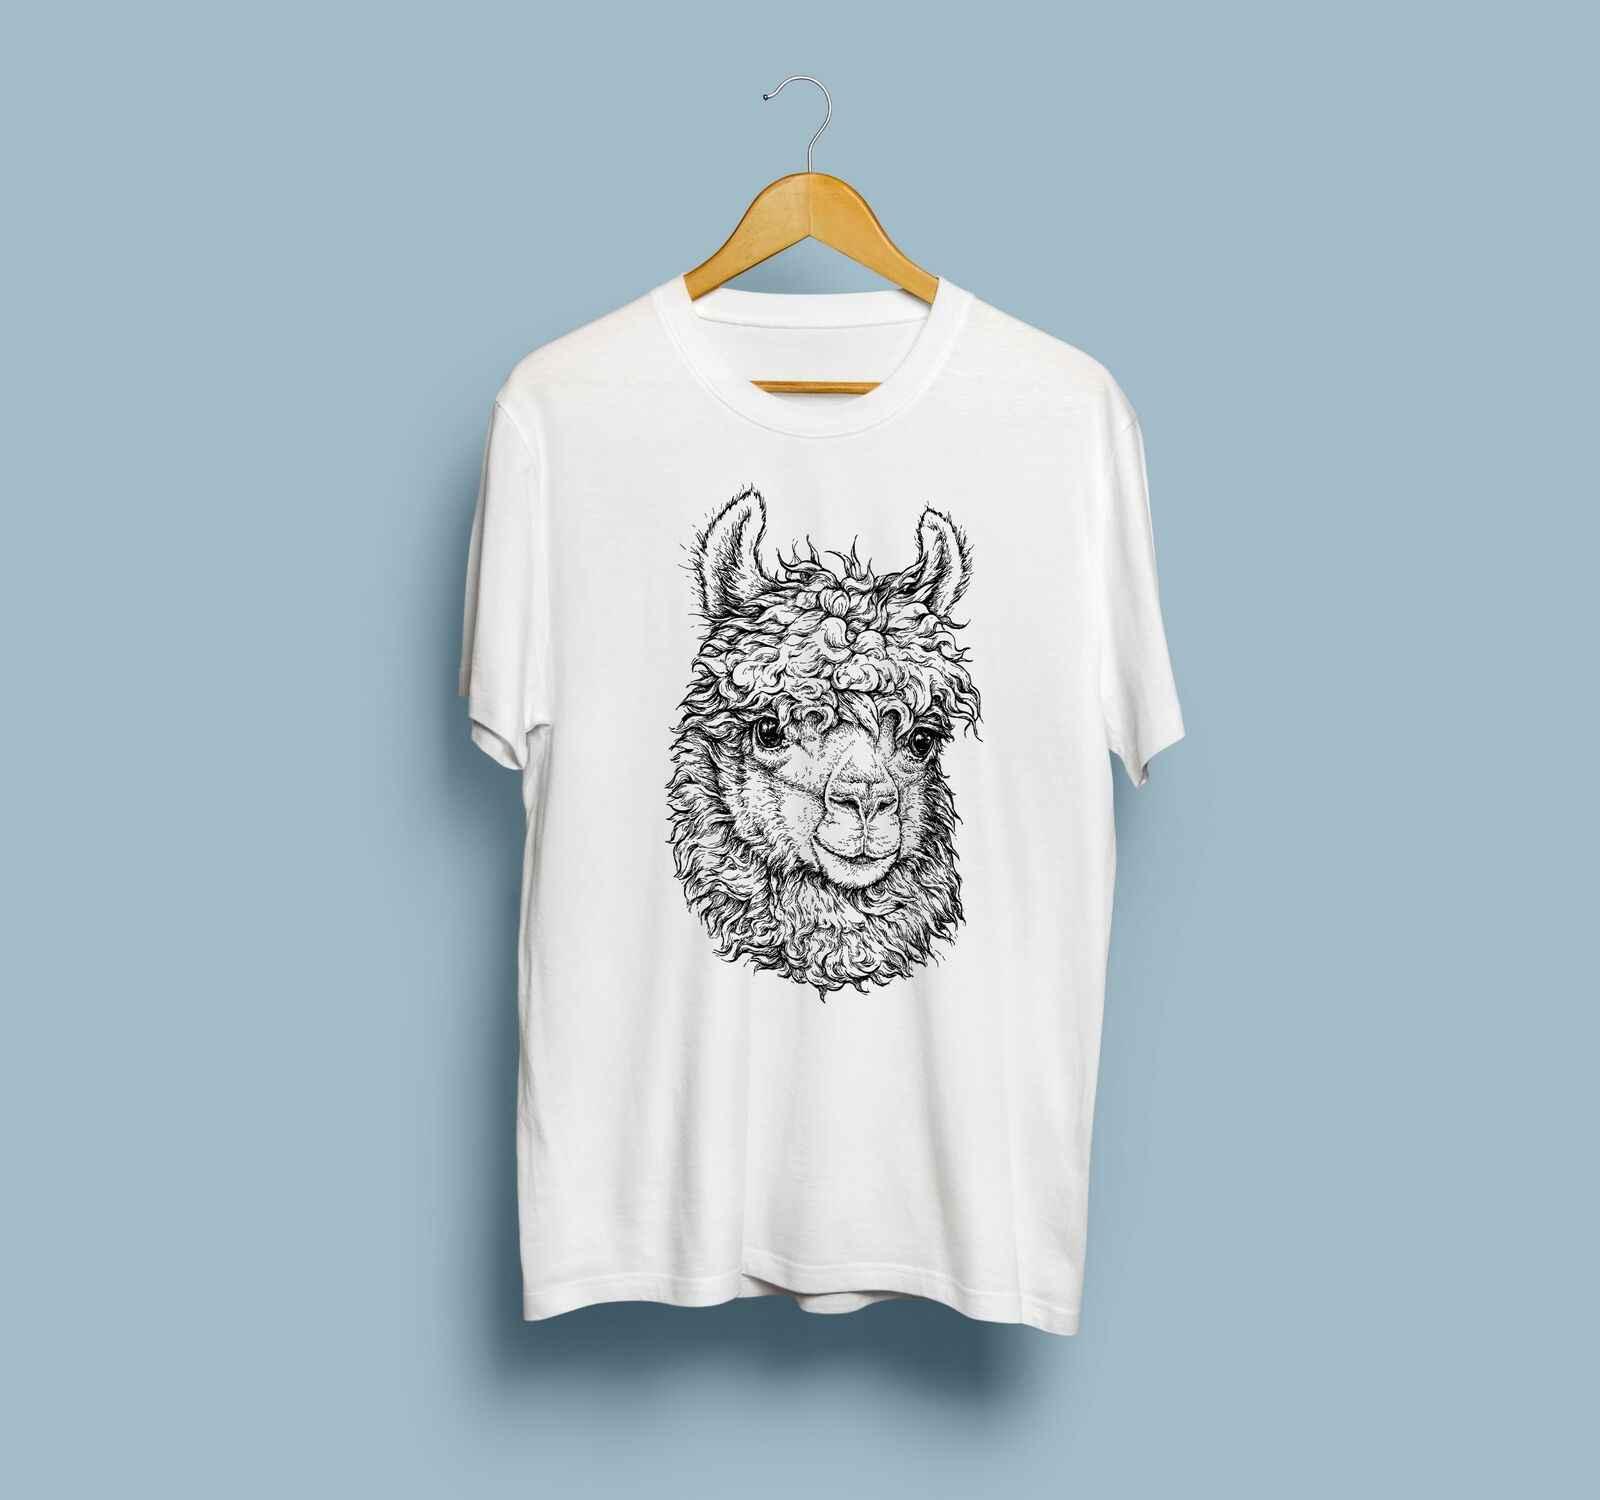 คนรักสัตว์ที่กำหนดเองแขนสั้น Llama พิมพ์ Tshirt มือที่ไม่ซ้ำกันเสื้อผ้า Tee 2019 Tees Hoodies